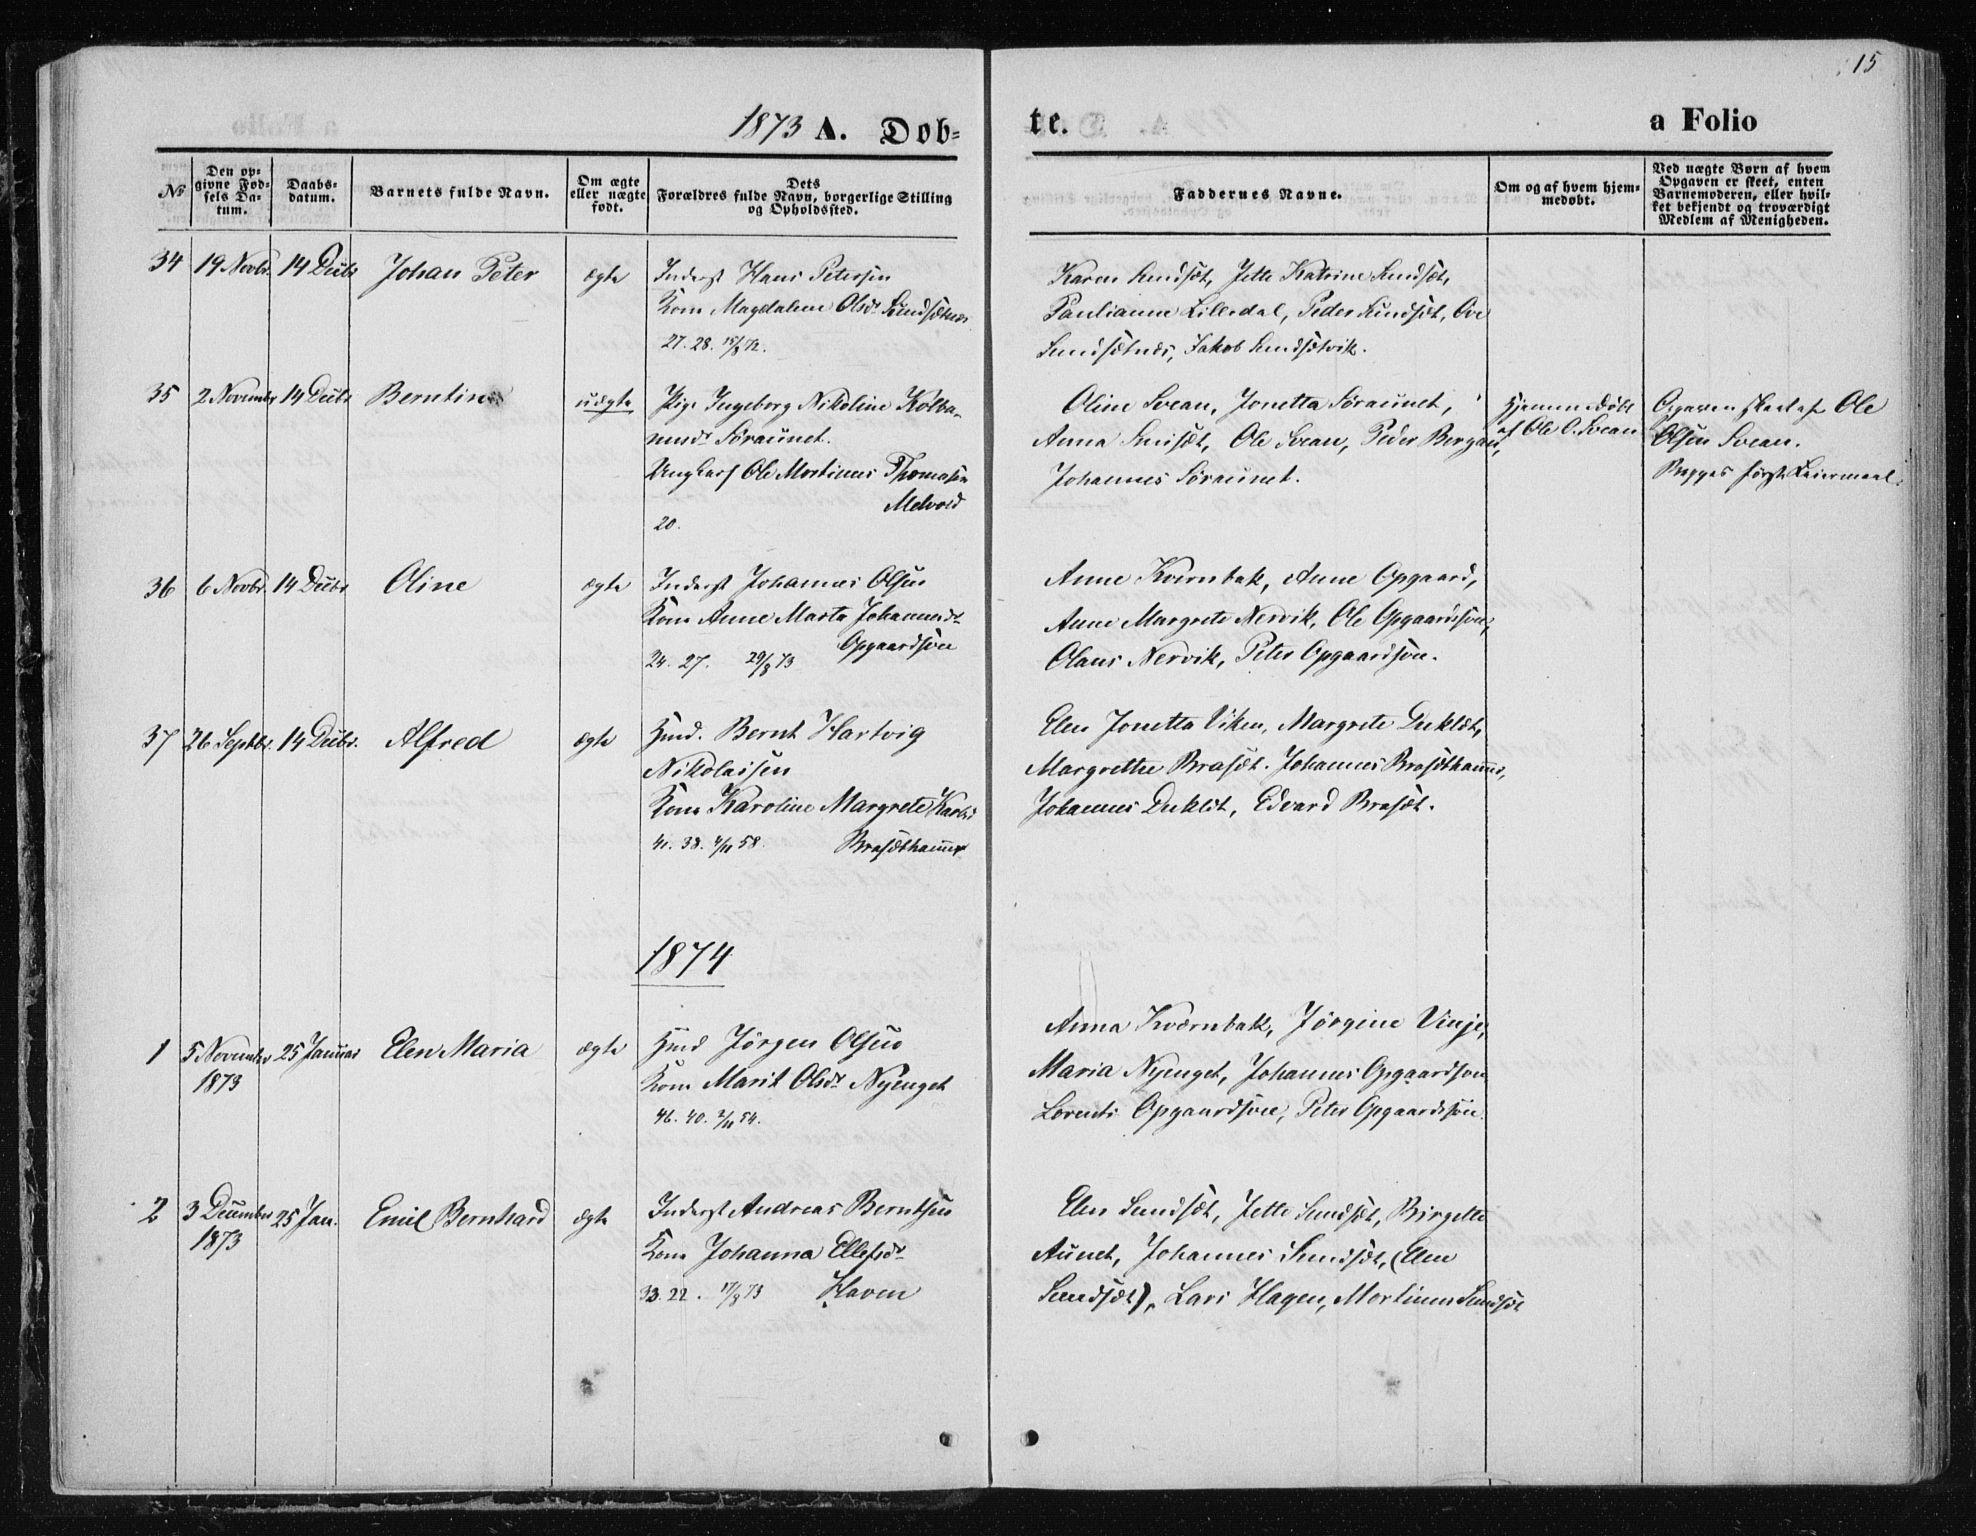 SAT, Ministerialprotokoller, klokkerbøker og fødselsregistre - Nord-Trøndelag, 733/L0324: Ministerialbok nr. 733A03, 1870-1883, s. 15